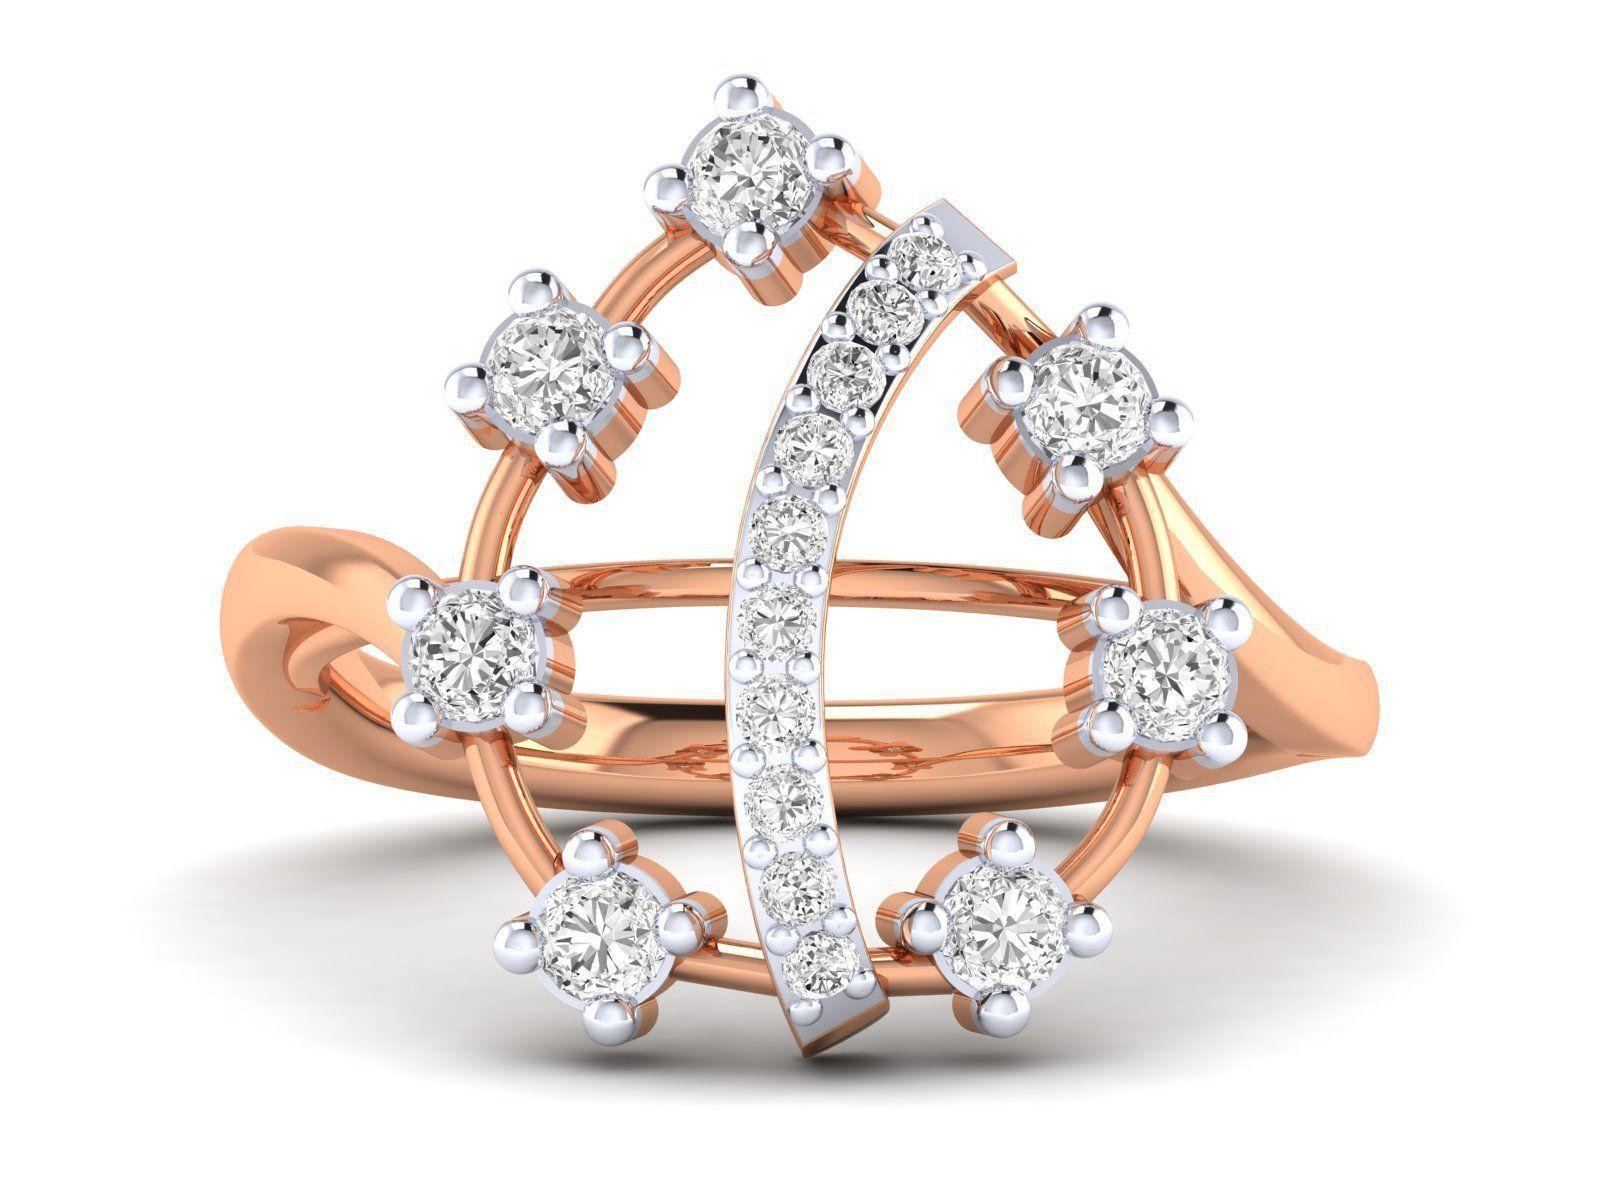 Women Ring 3dm stl render detail